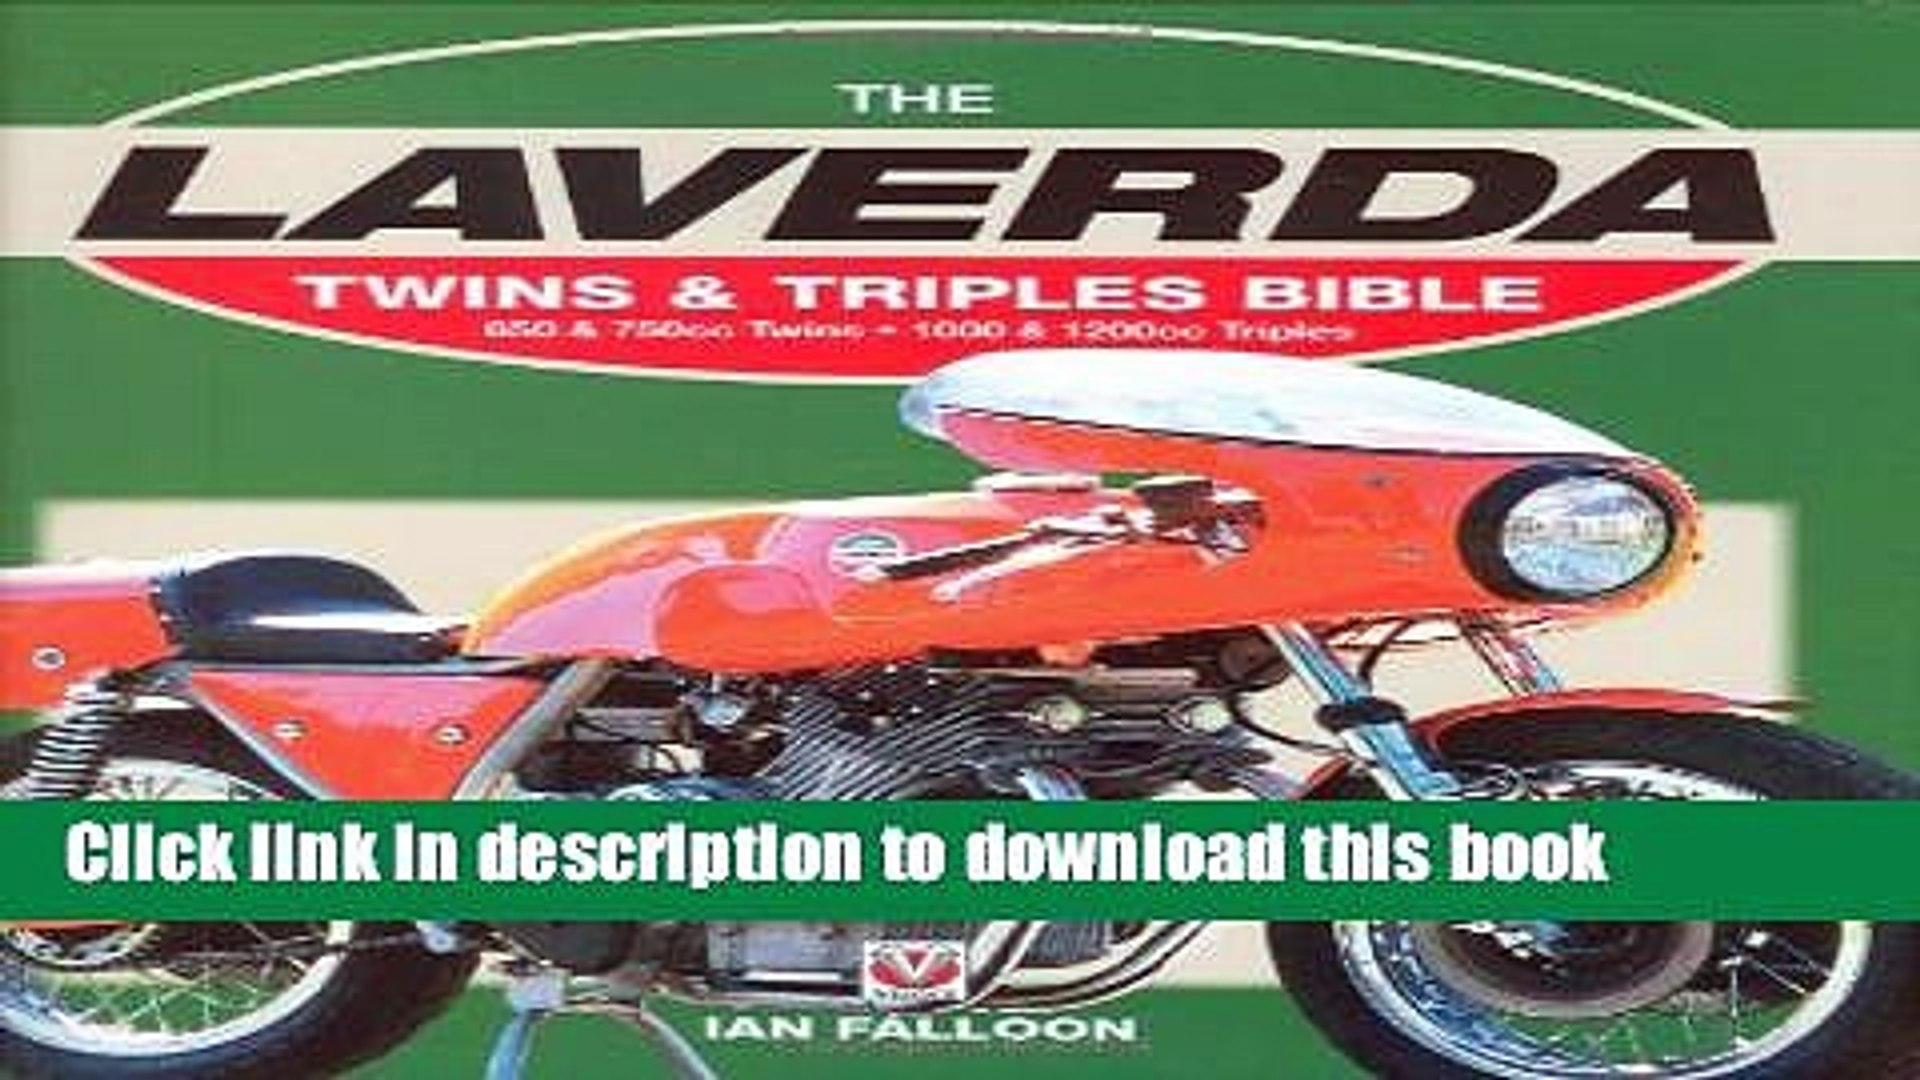 Laverda Twins & Triples Bible